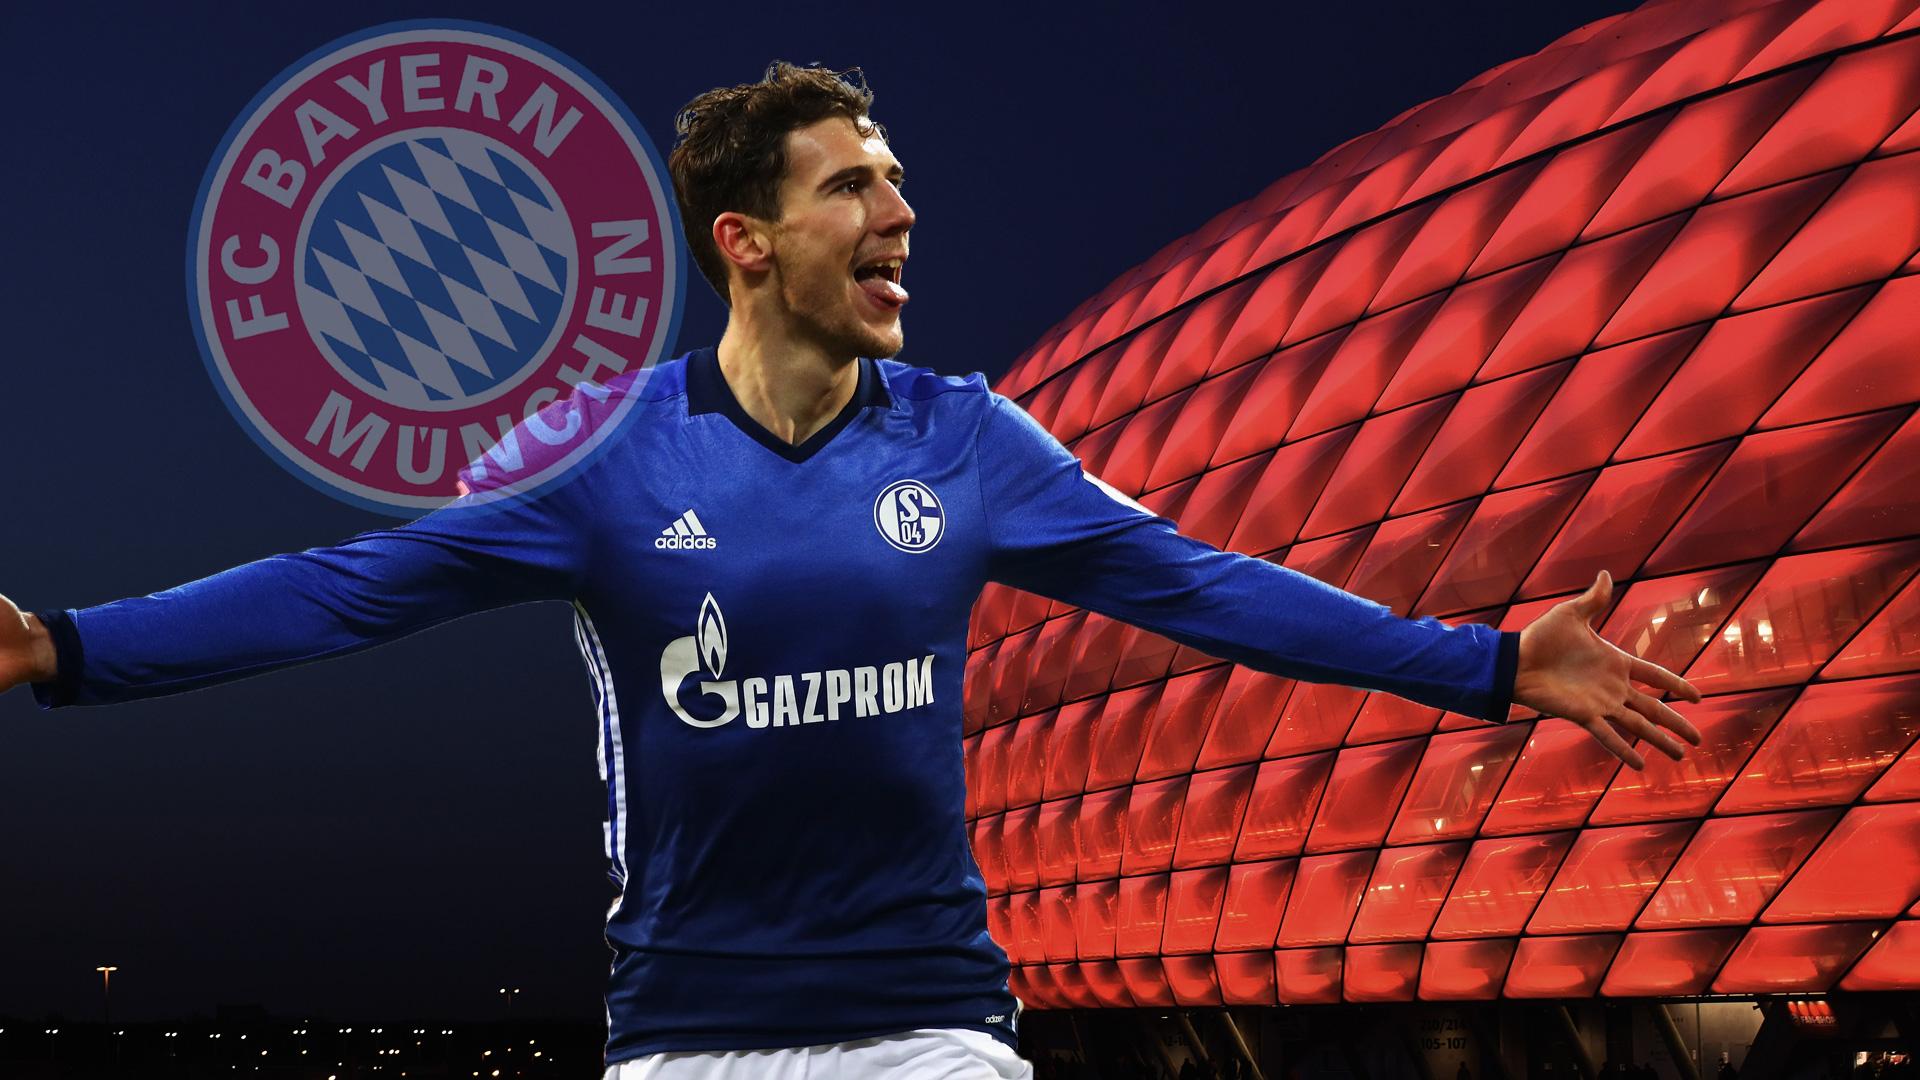 Schalke bestätigt Goretzka-Wechsel zum FC Bayern